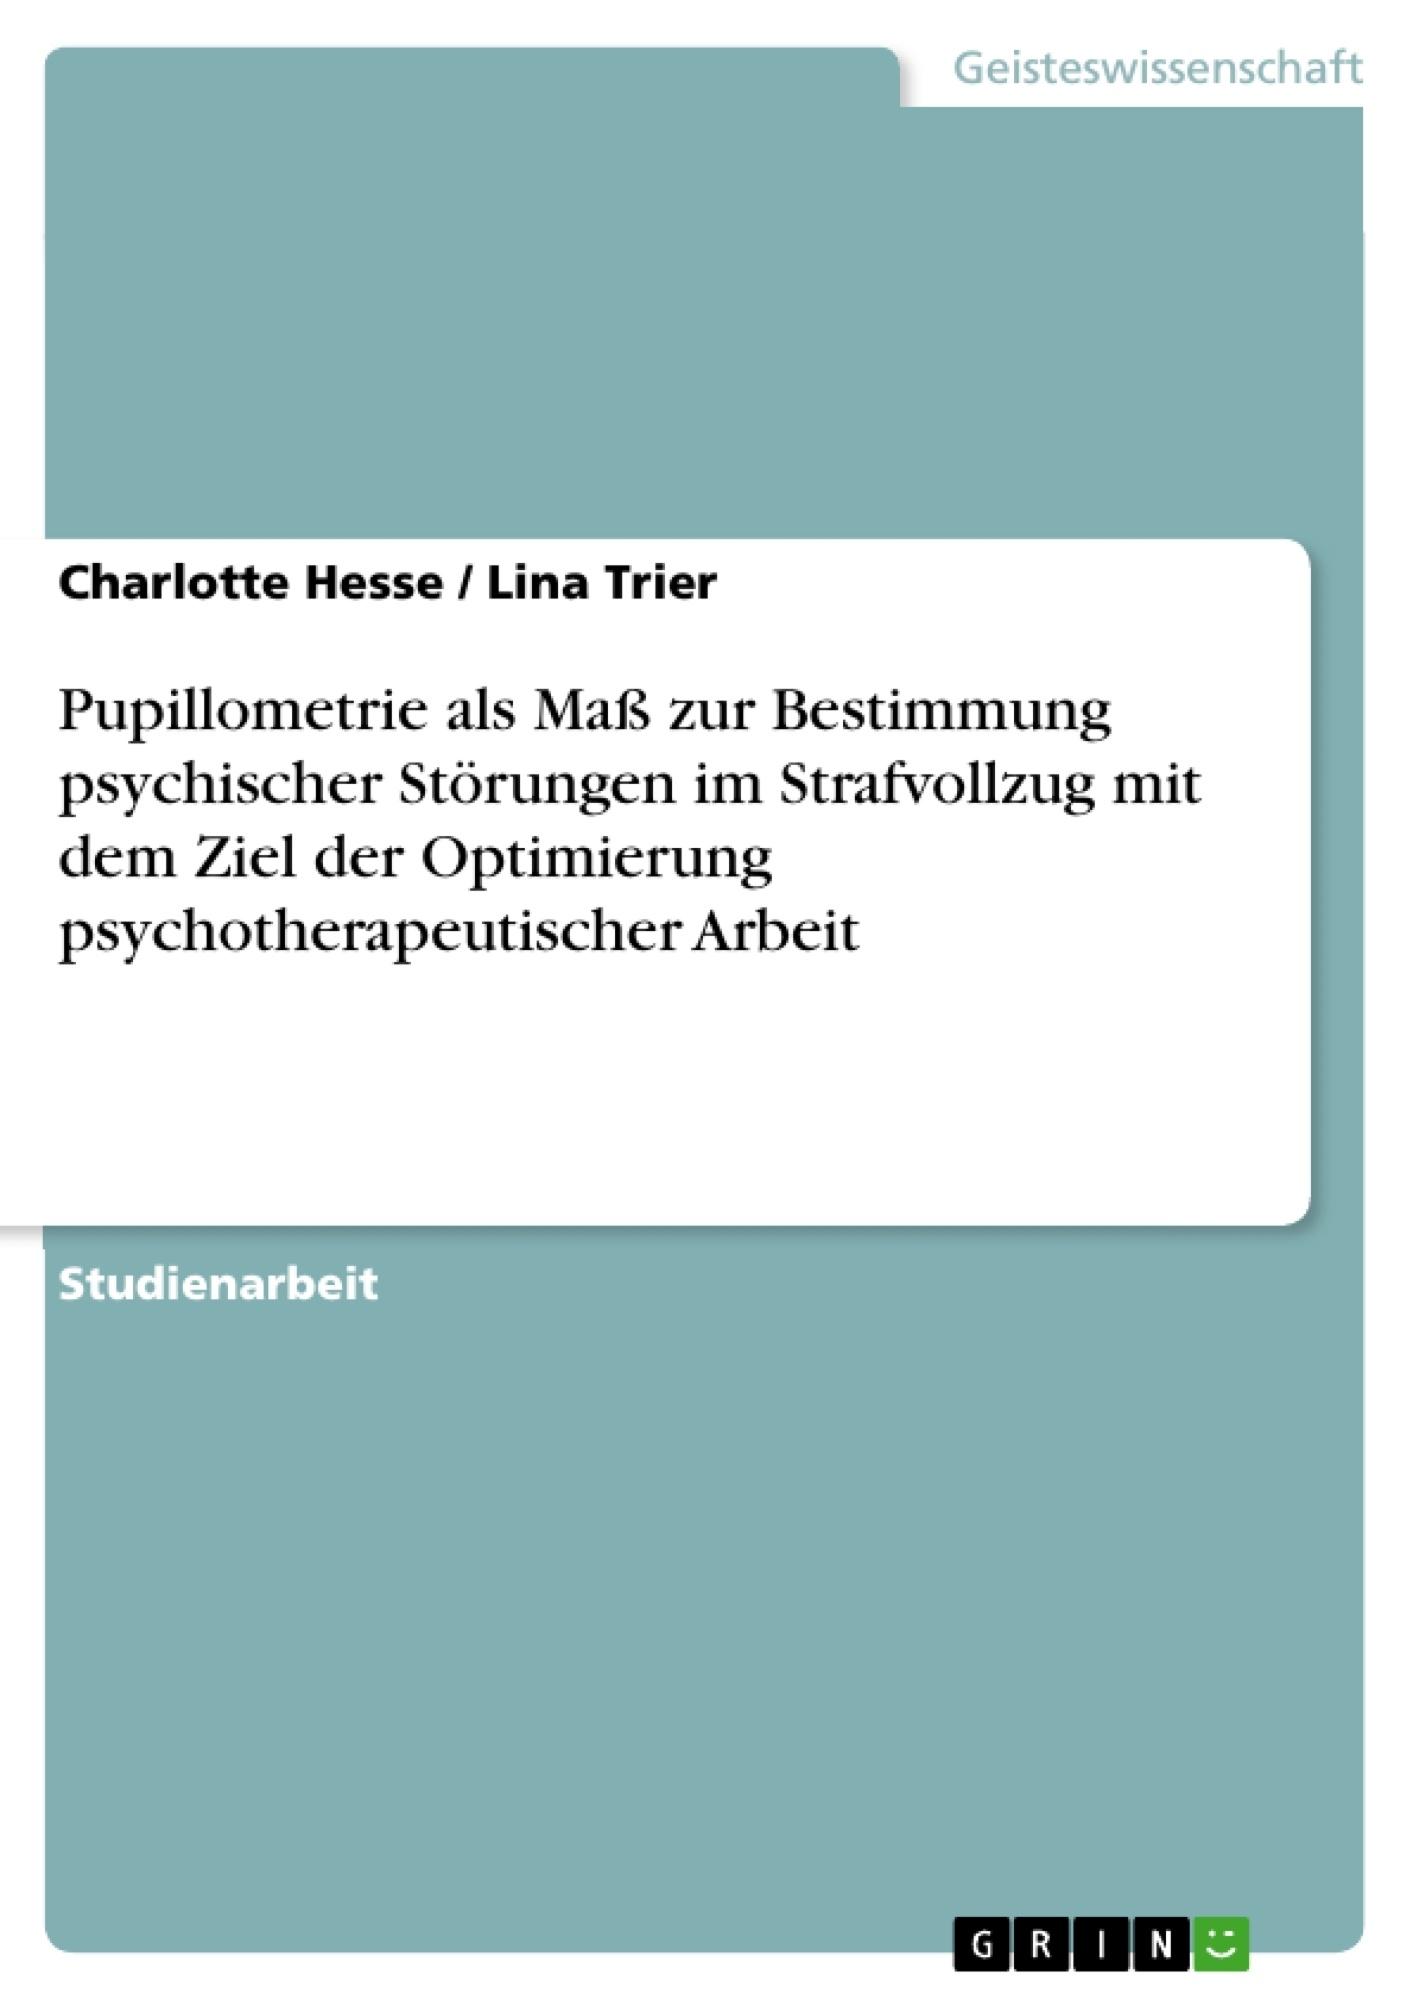 Titel: Pupillometrie als Maß zur Bestimmung psychischer Störungen im Strafvollzug mit dem Ziel der Optimierung psychotherapeutischer Arbeit